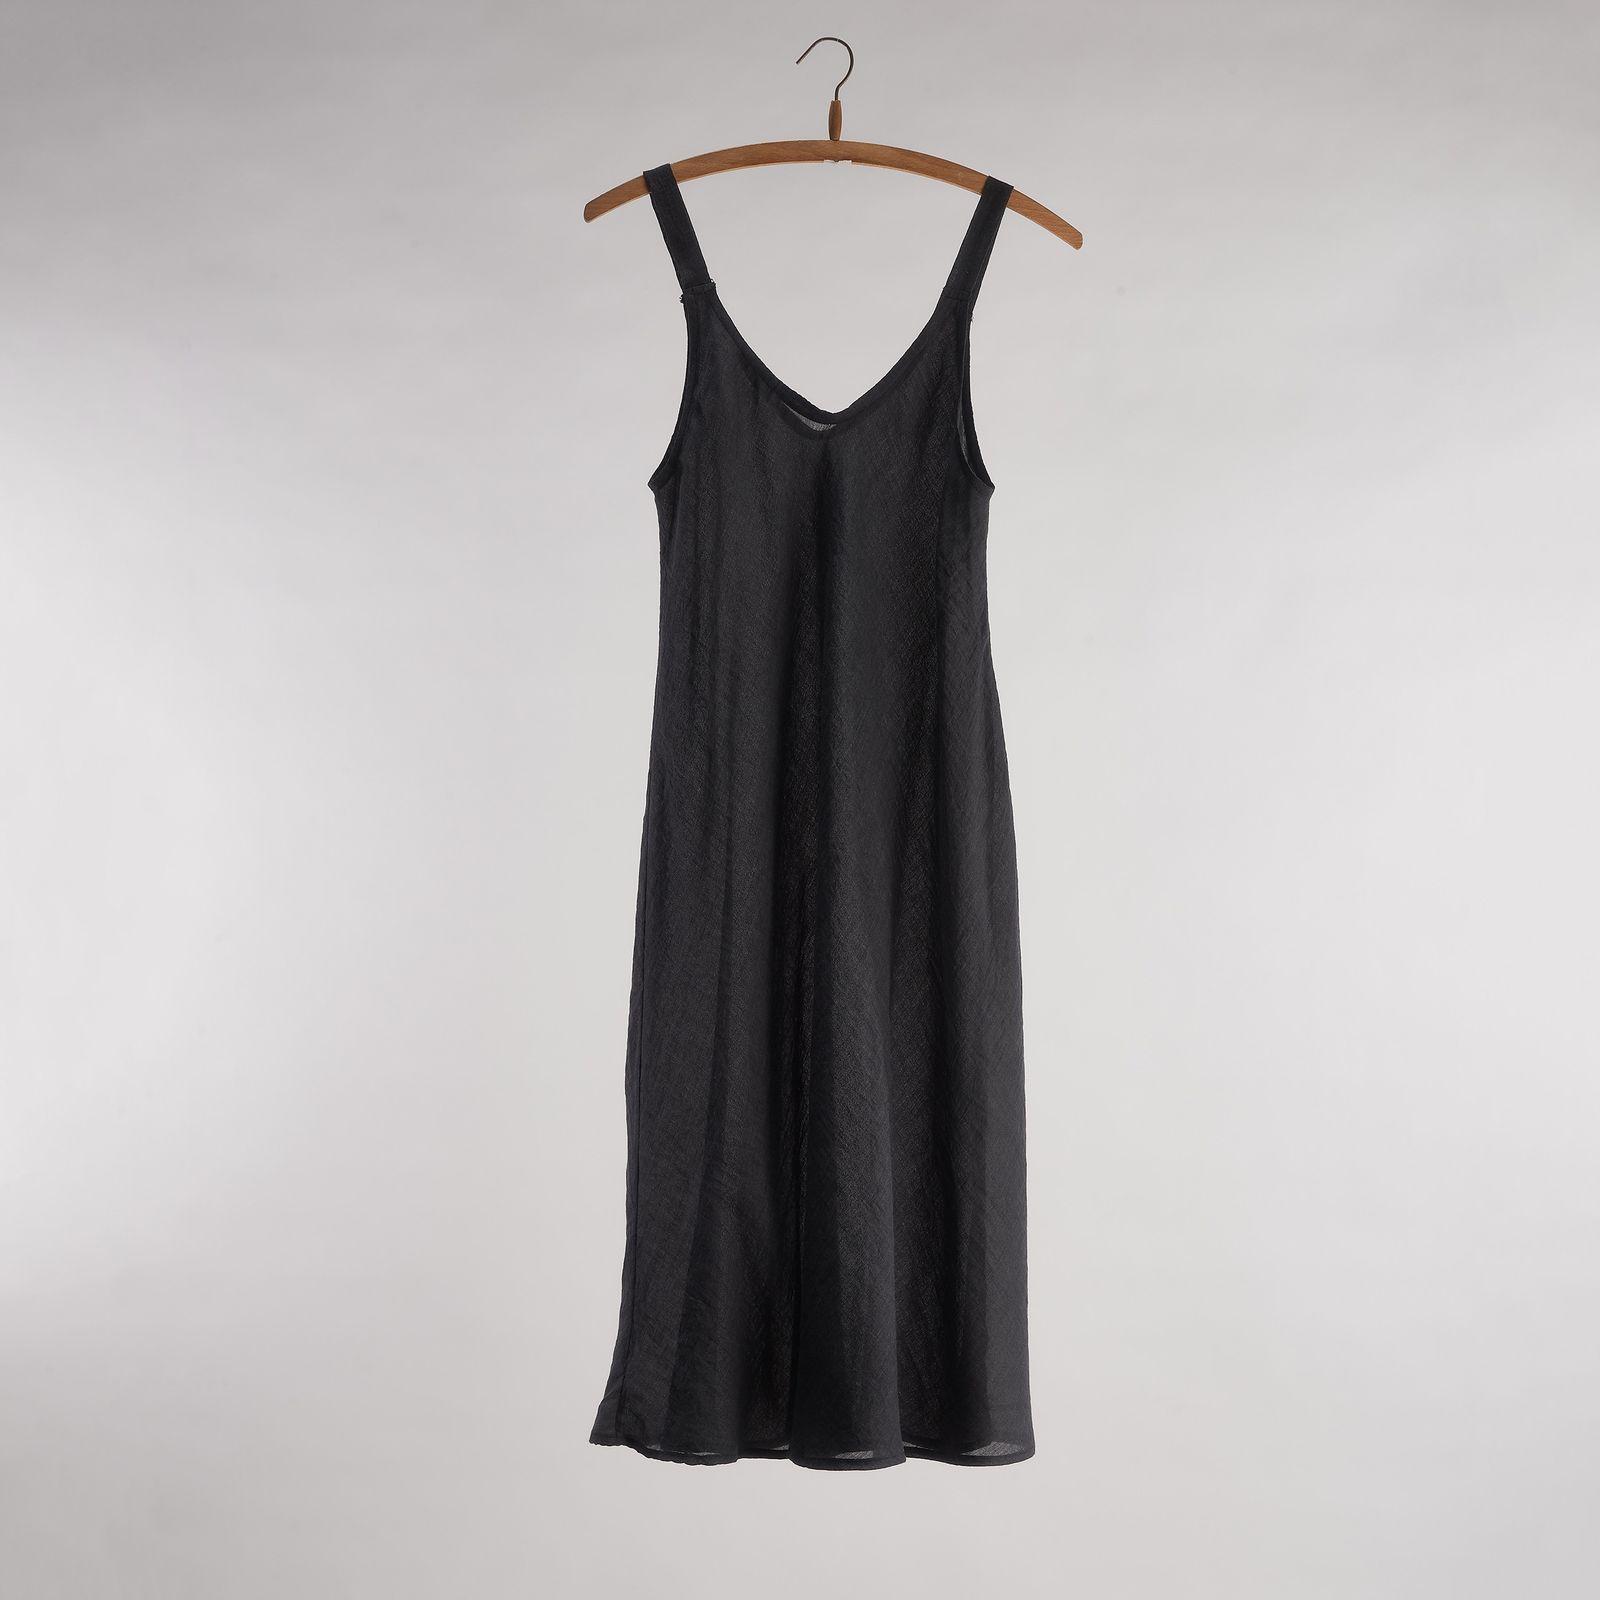 لباس خواب زنانه هیتو استایل مدل D28F230 -  - 5